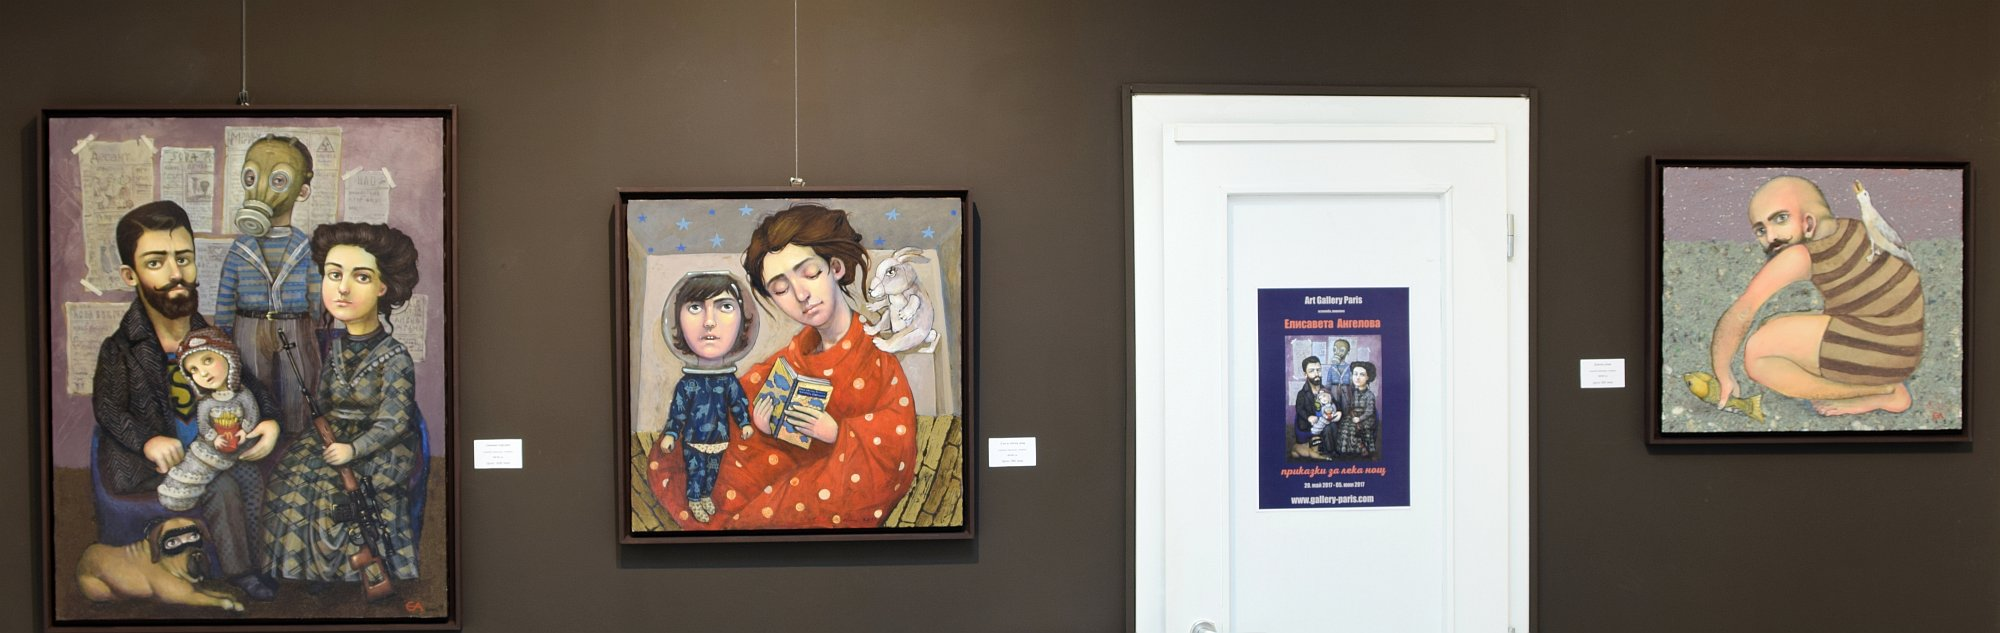 Елисавета Ангелова - изложба в галерия Париж 2017